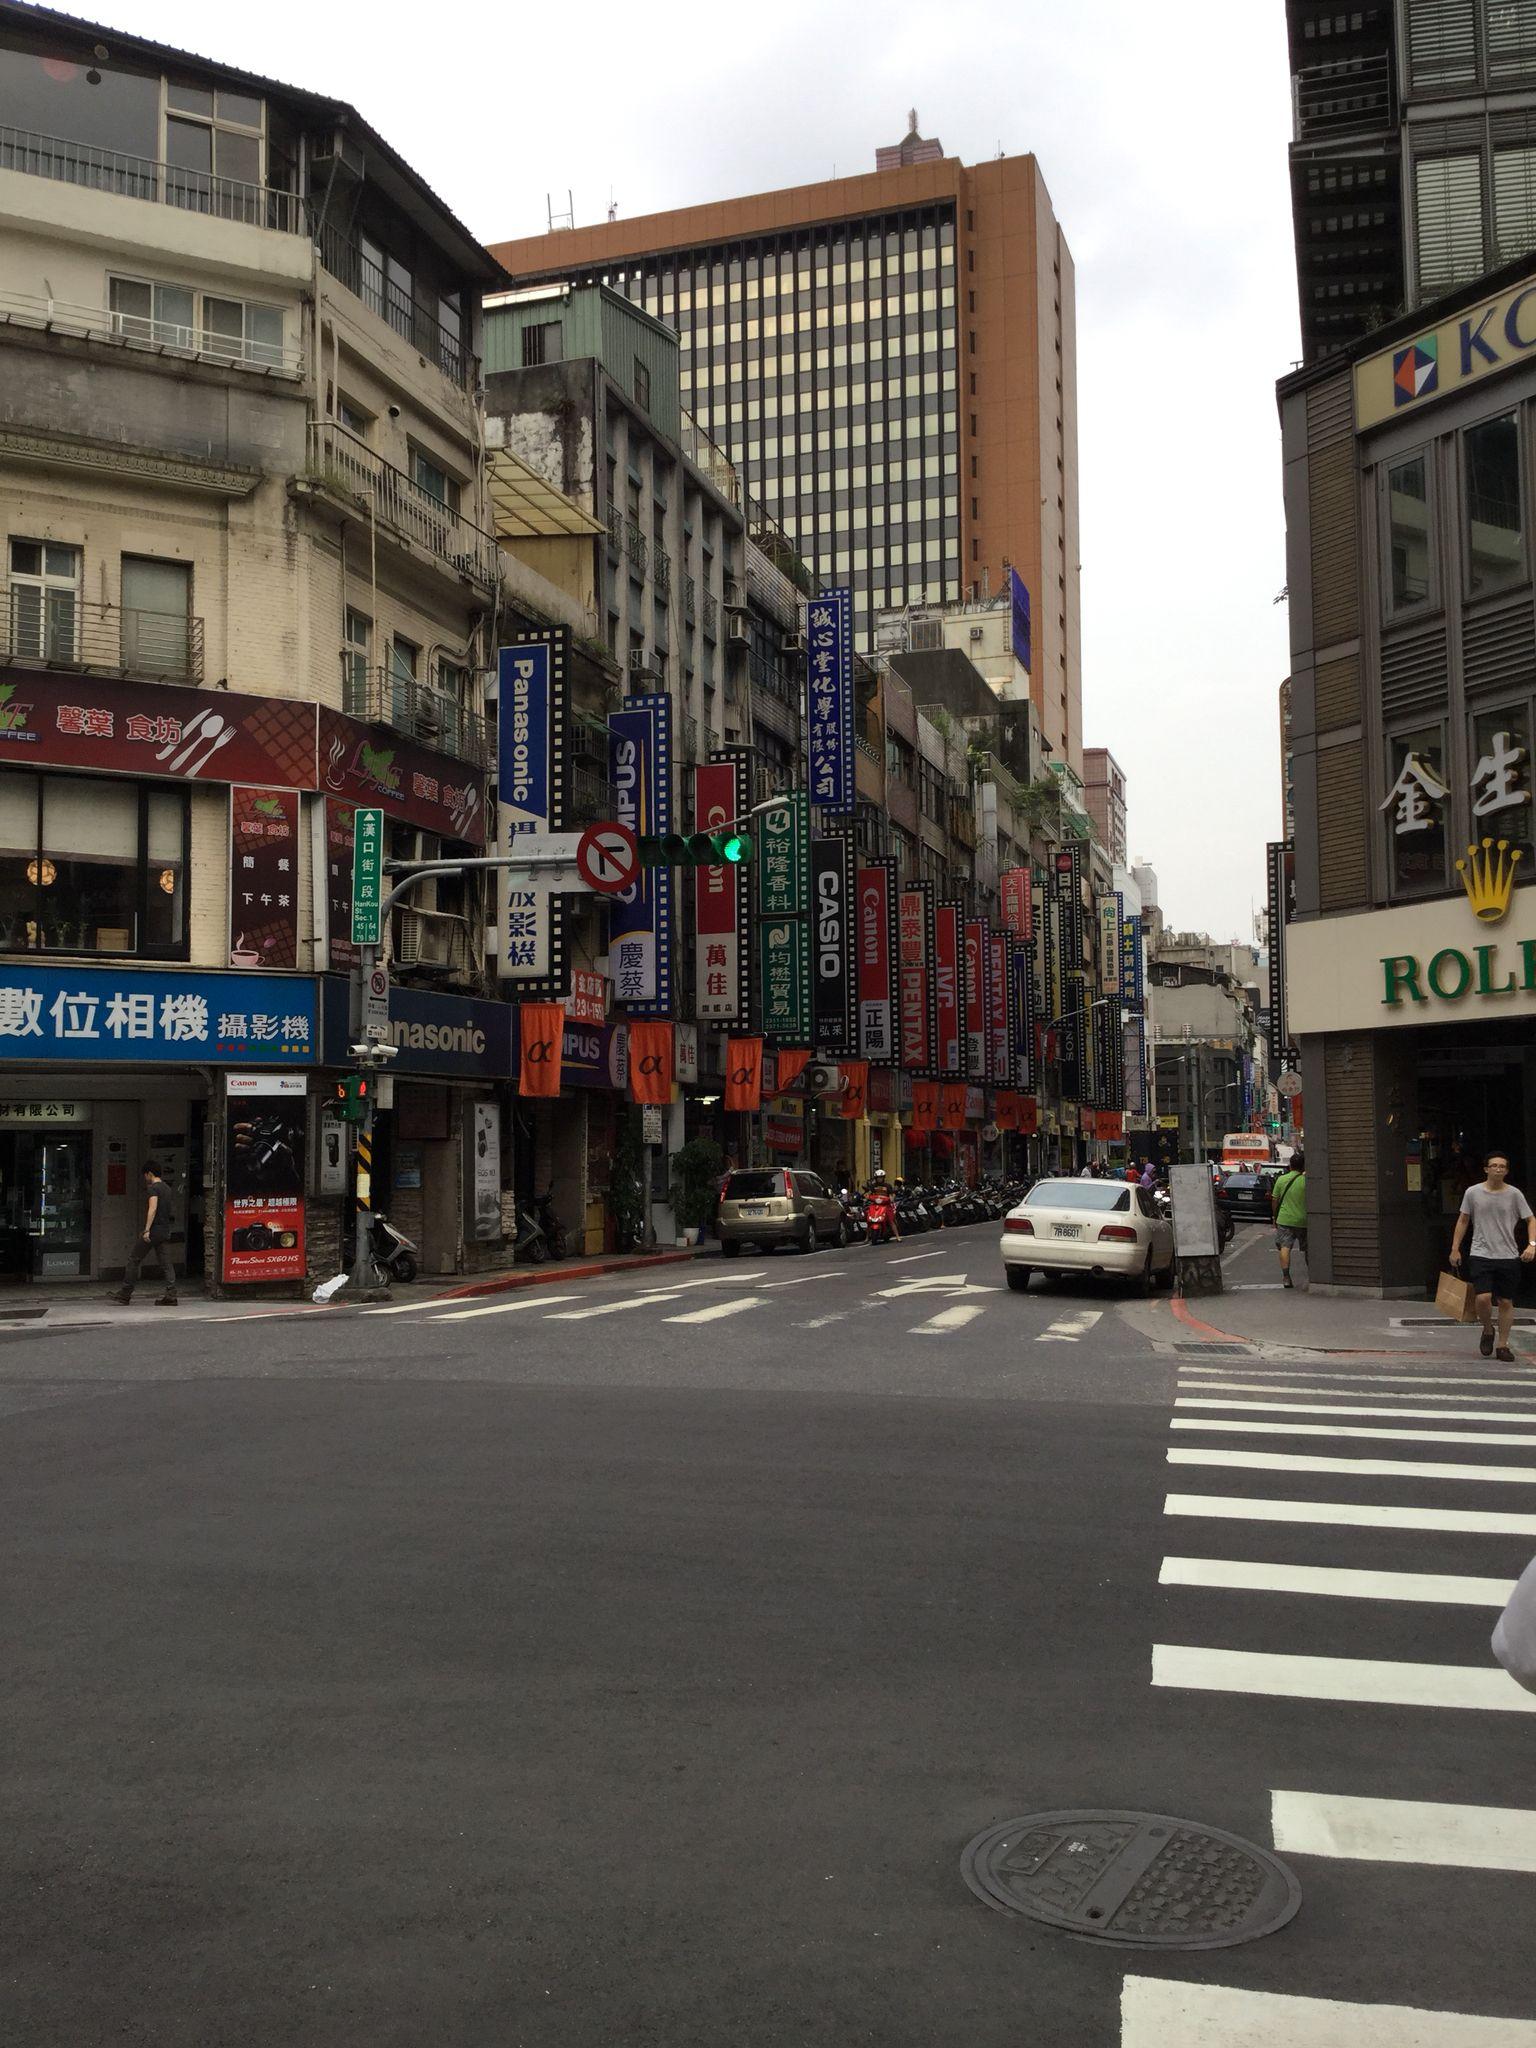 臺北車站新光三越裏漢口街一段のカメラ街 | 臺灣 と 臺北